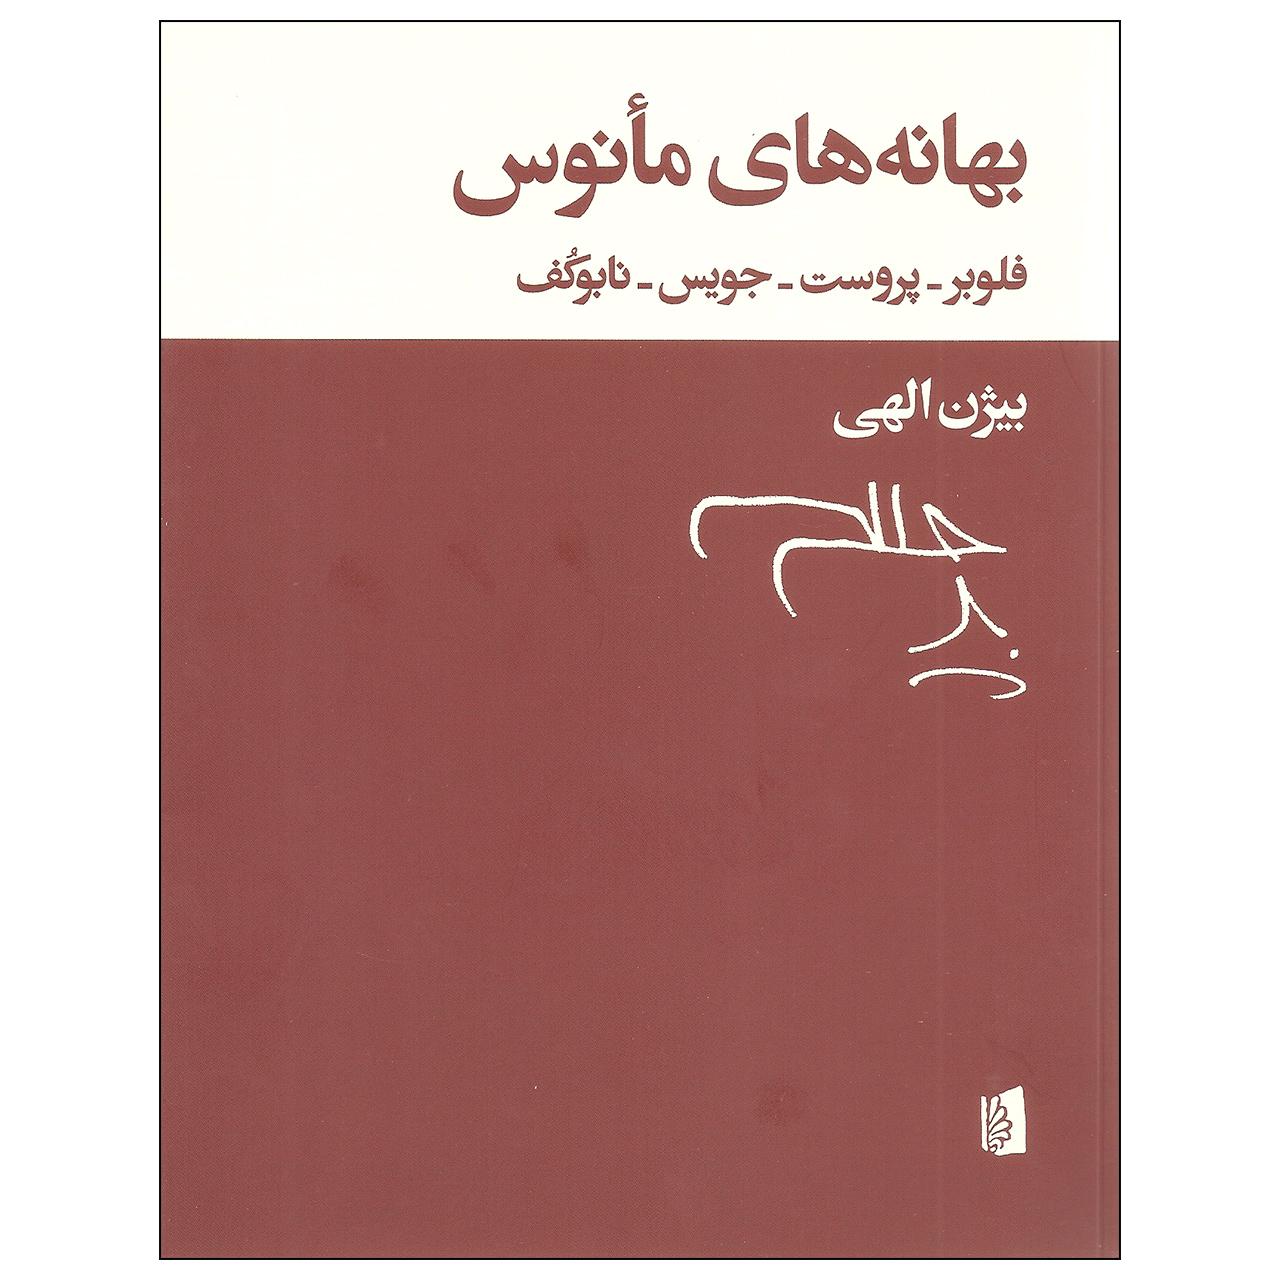 خرید                      کتاب بهانه های مانوس اثر جمعی از نویسندگان نشر بیدگل